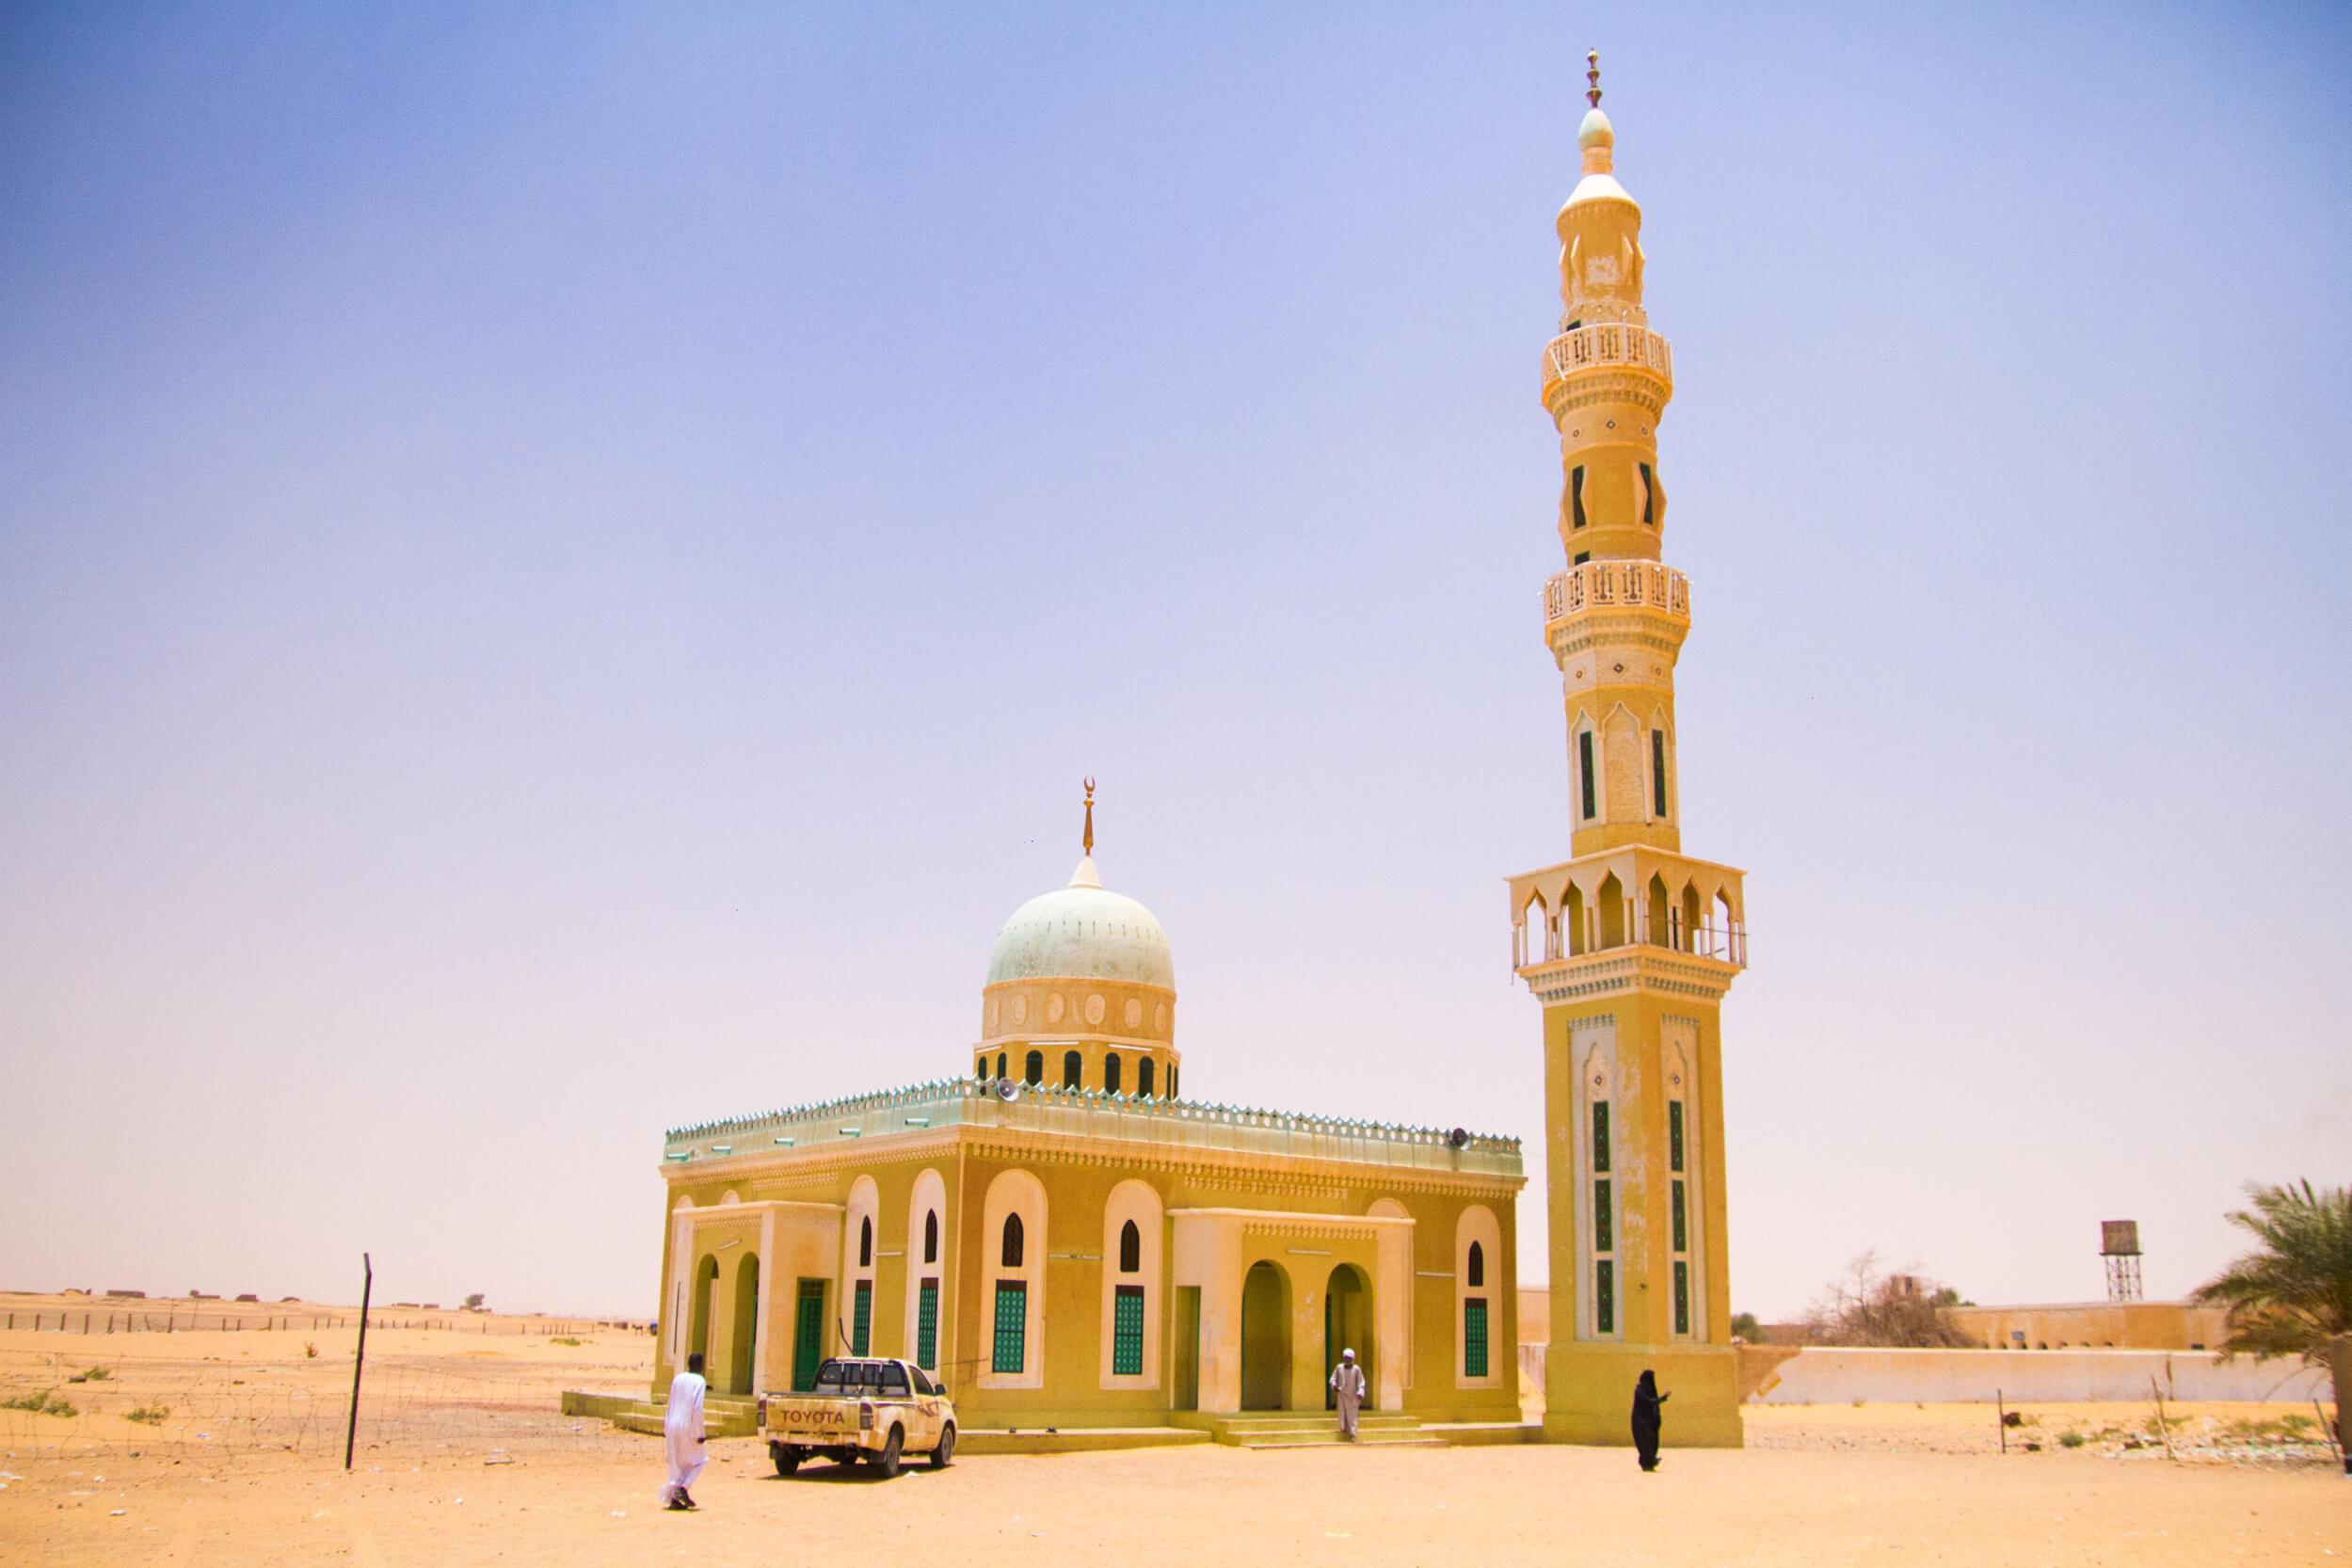 https://bubo.sk/uploads/galleries/7407/marekmeluch_sudan_desertmos.jpg